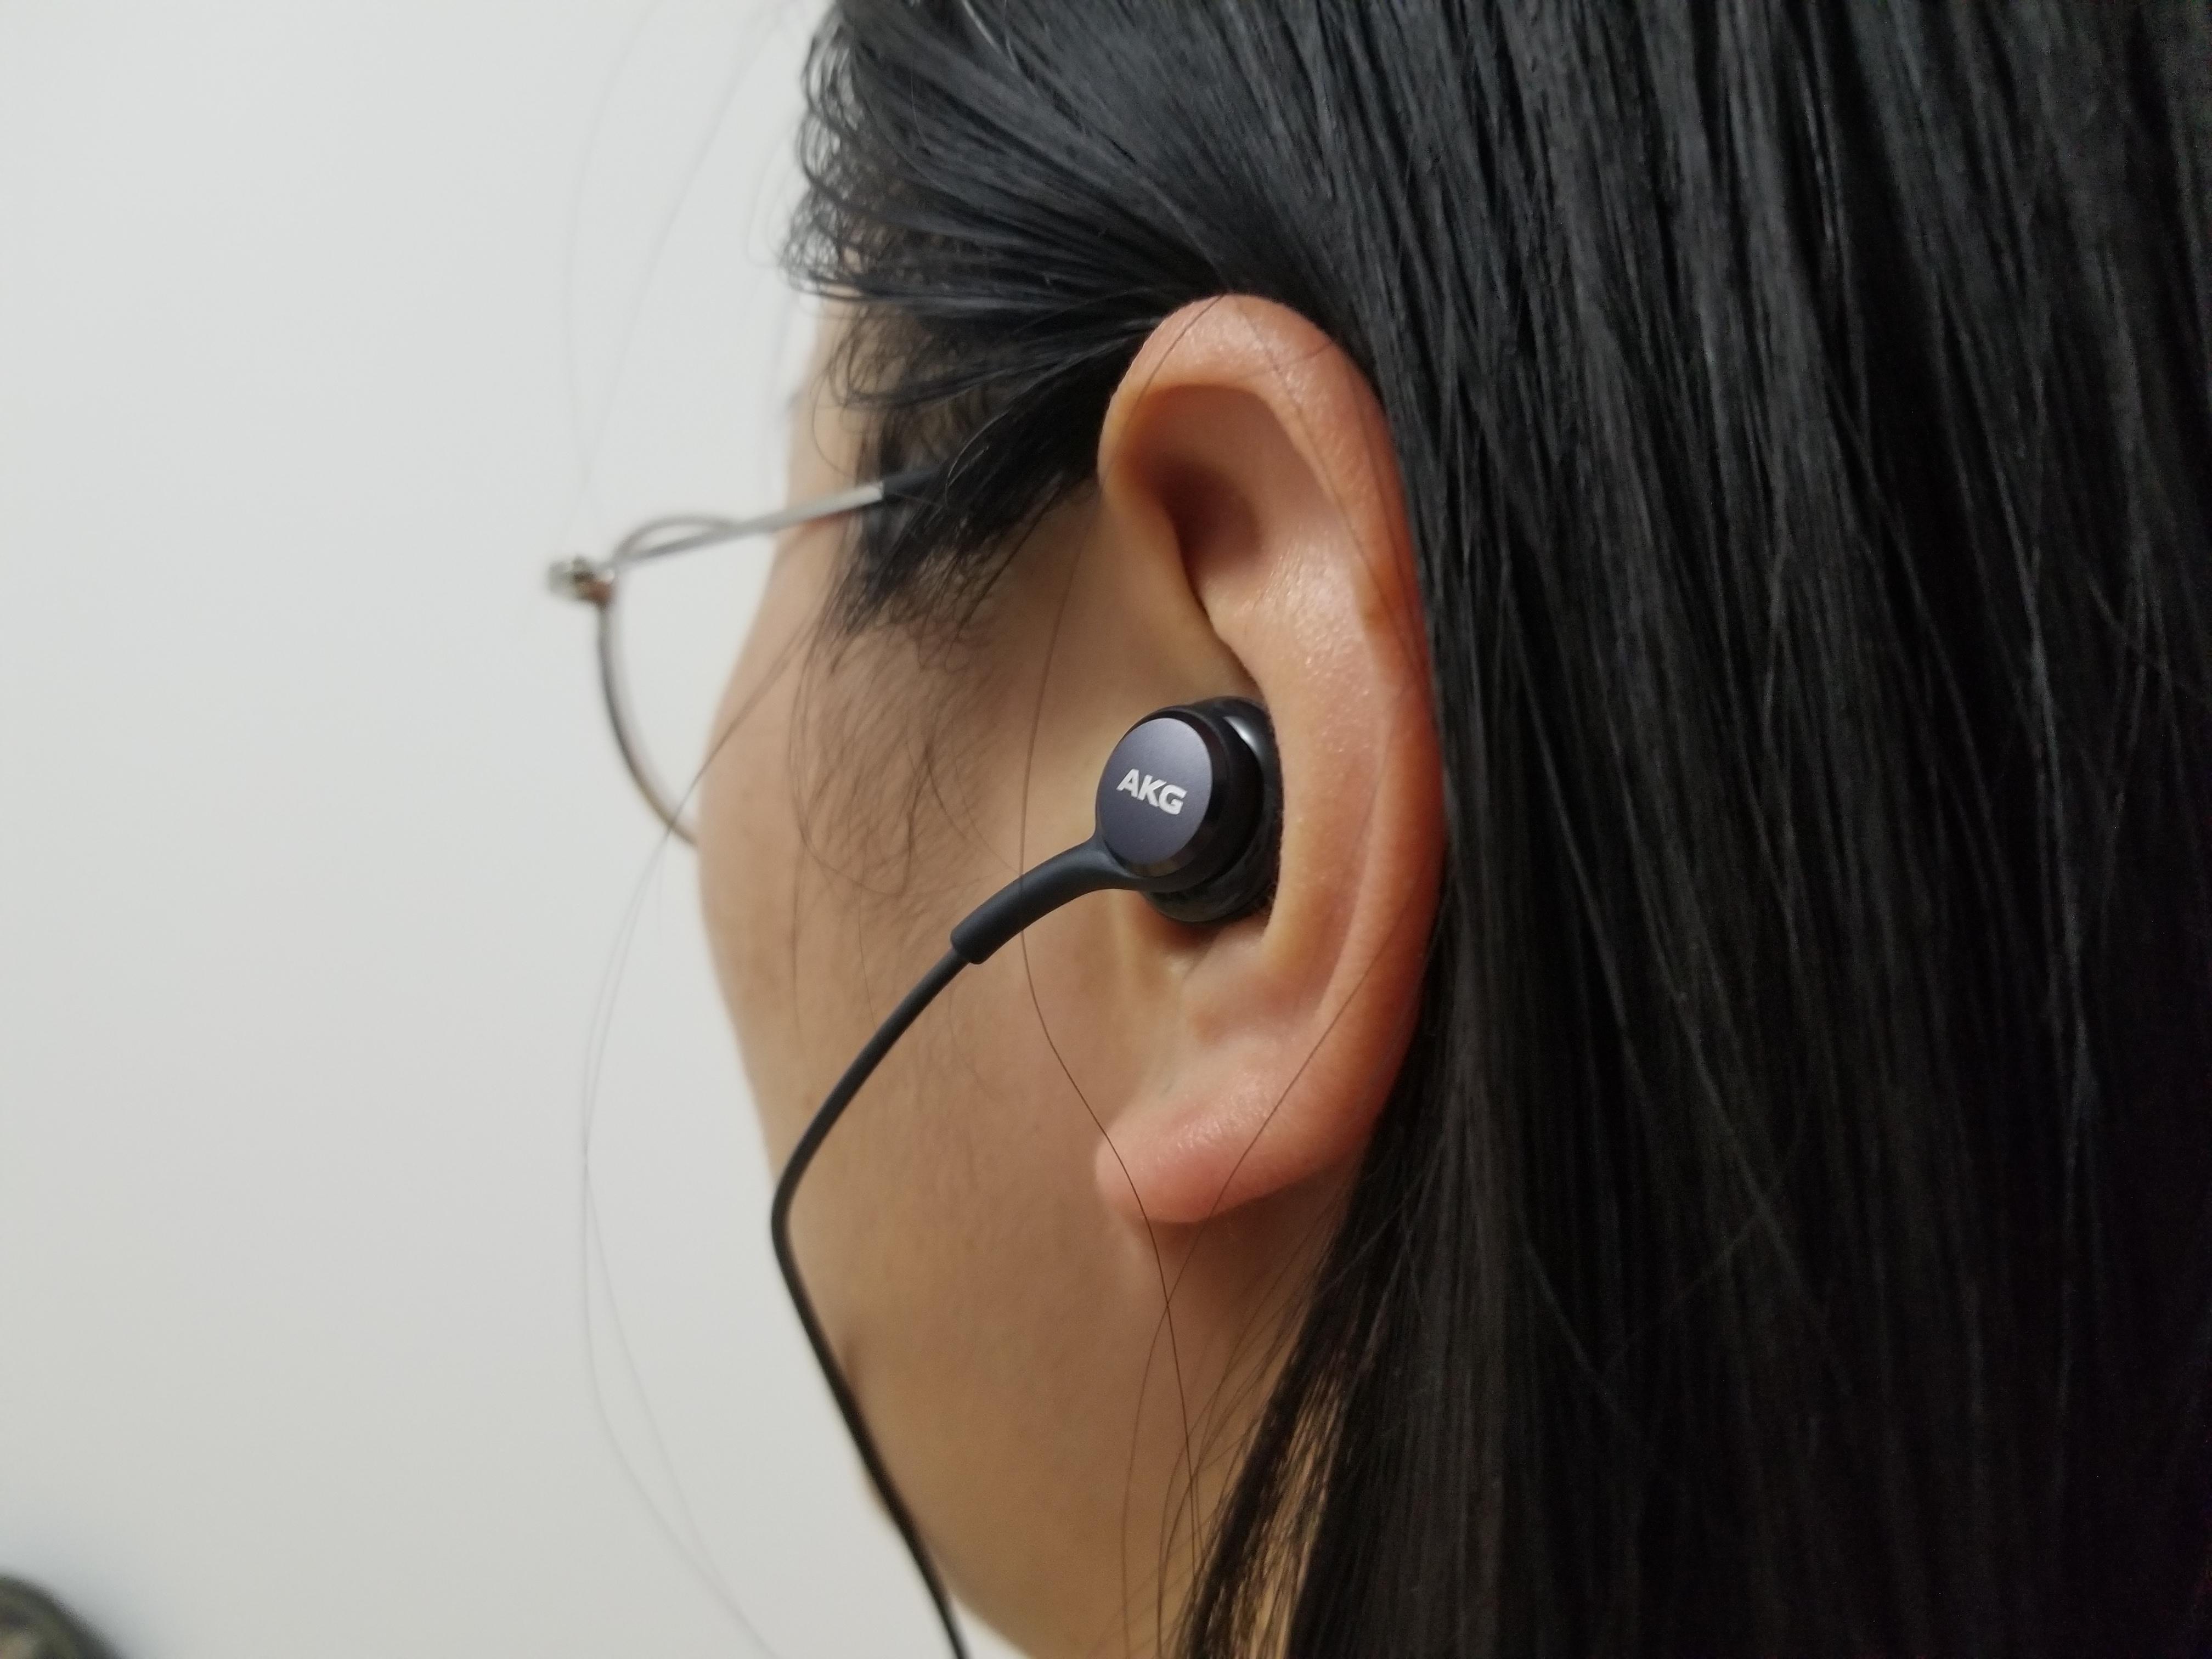 耳机为什么还要区分左右呢?戴了这么多年耳机,今天终于搞懂了!